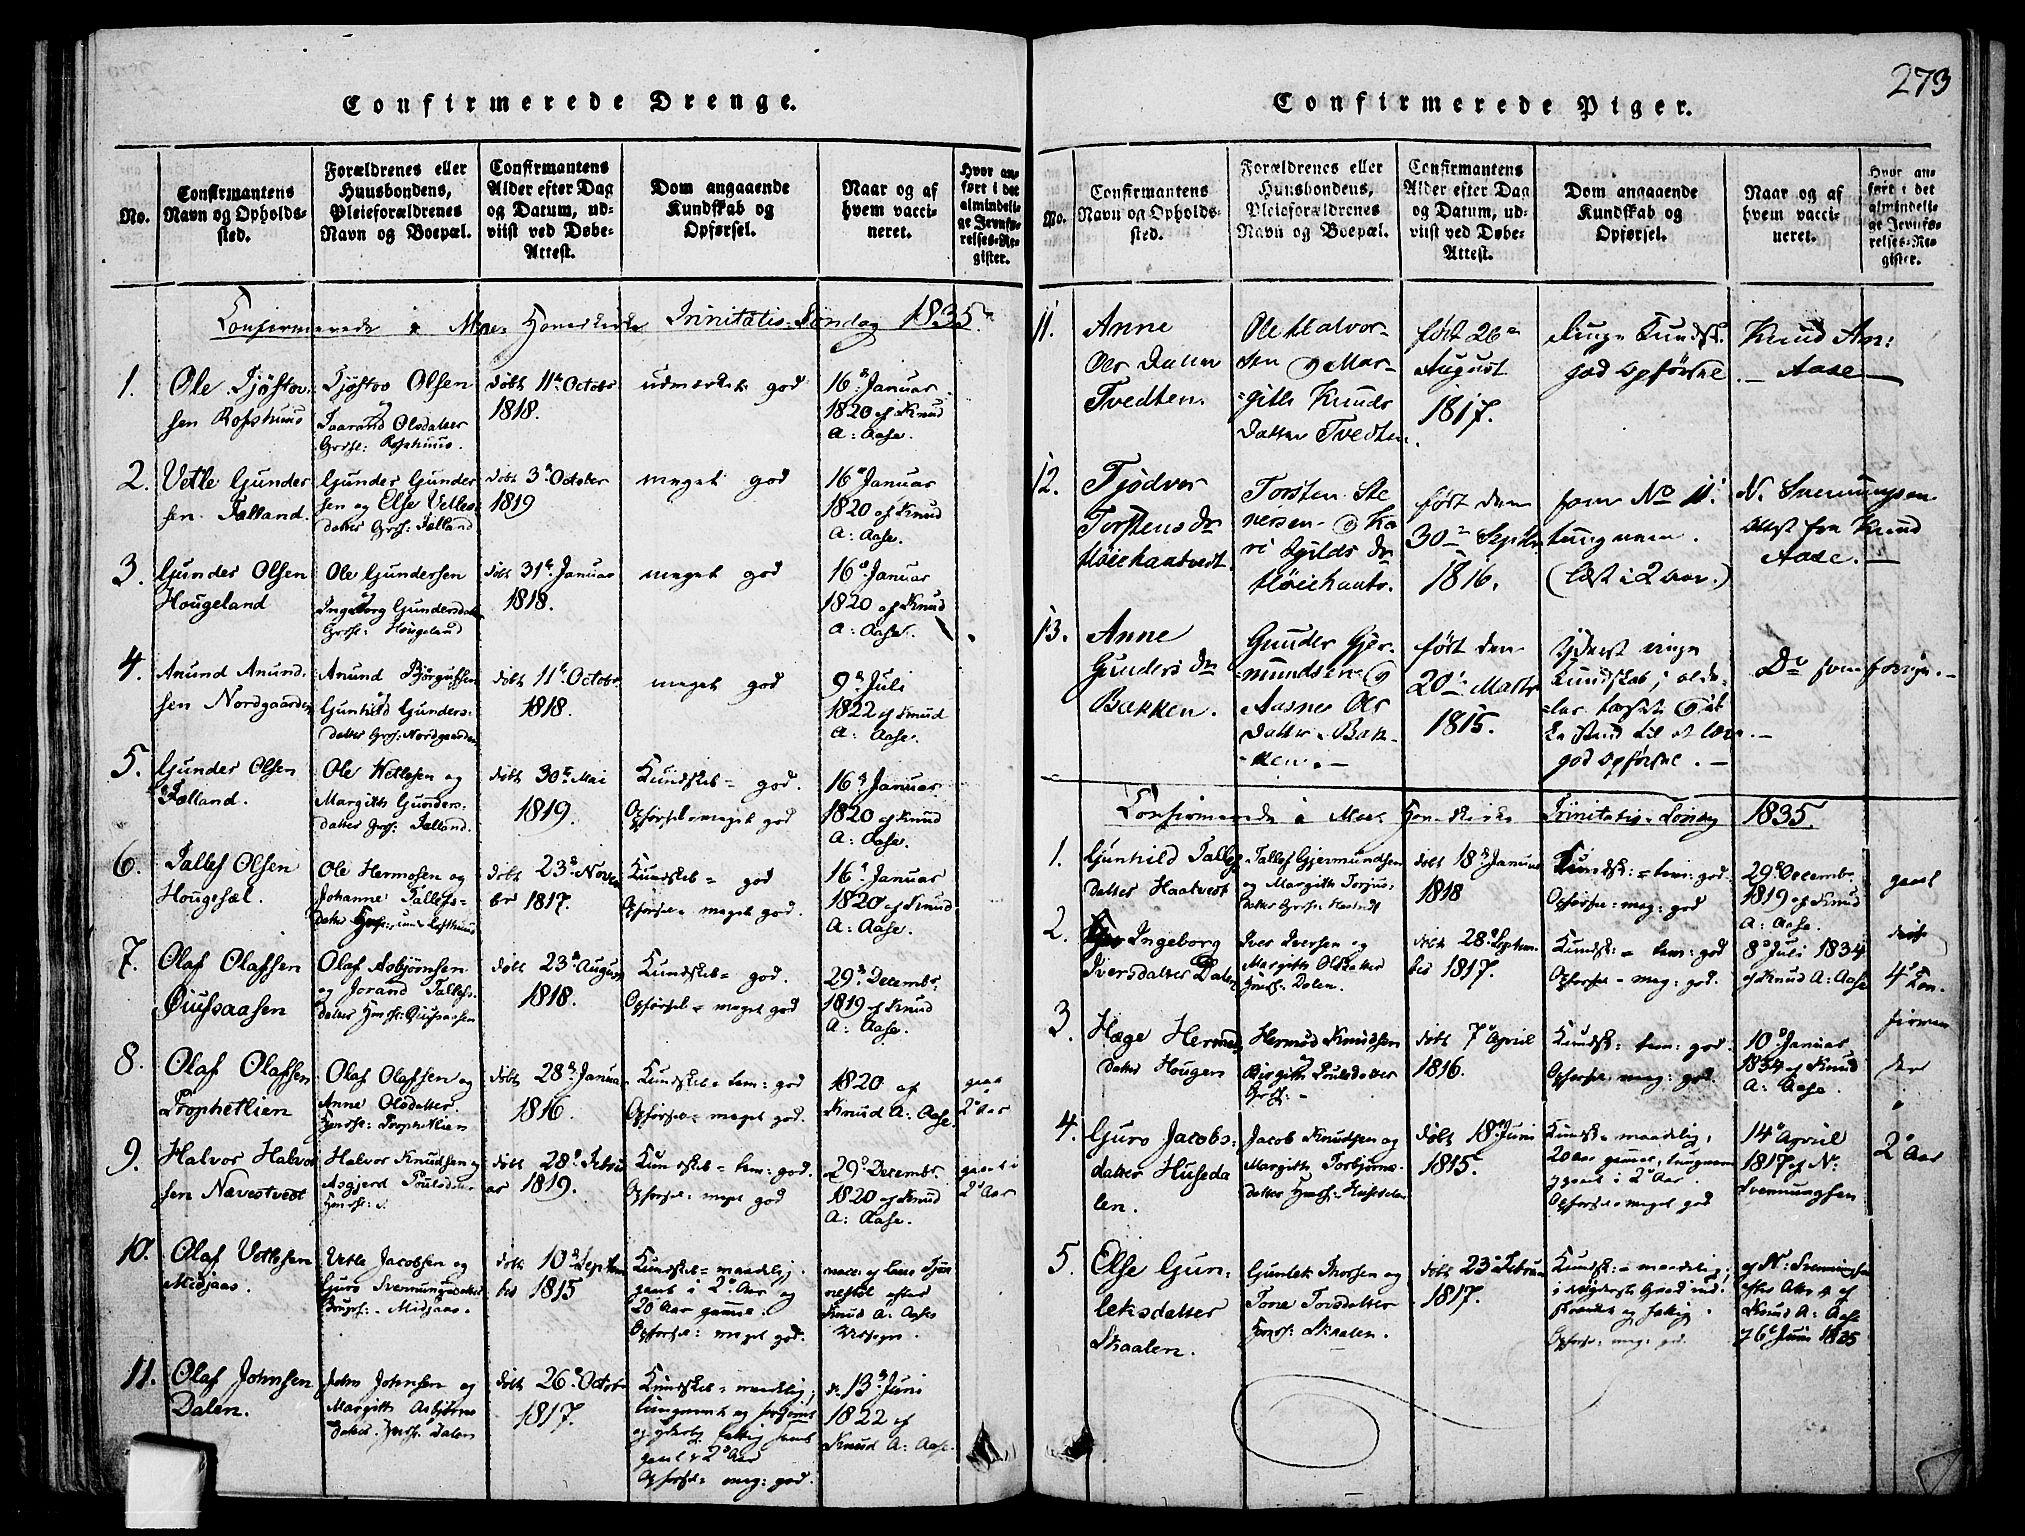 SAKO, Mo kirkebøker, F/Fa/L0004: Ministerialbok nr. I 4, 1814-1844, s. 273